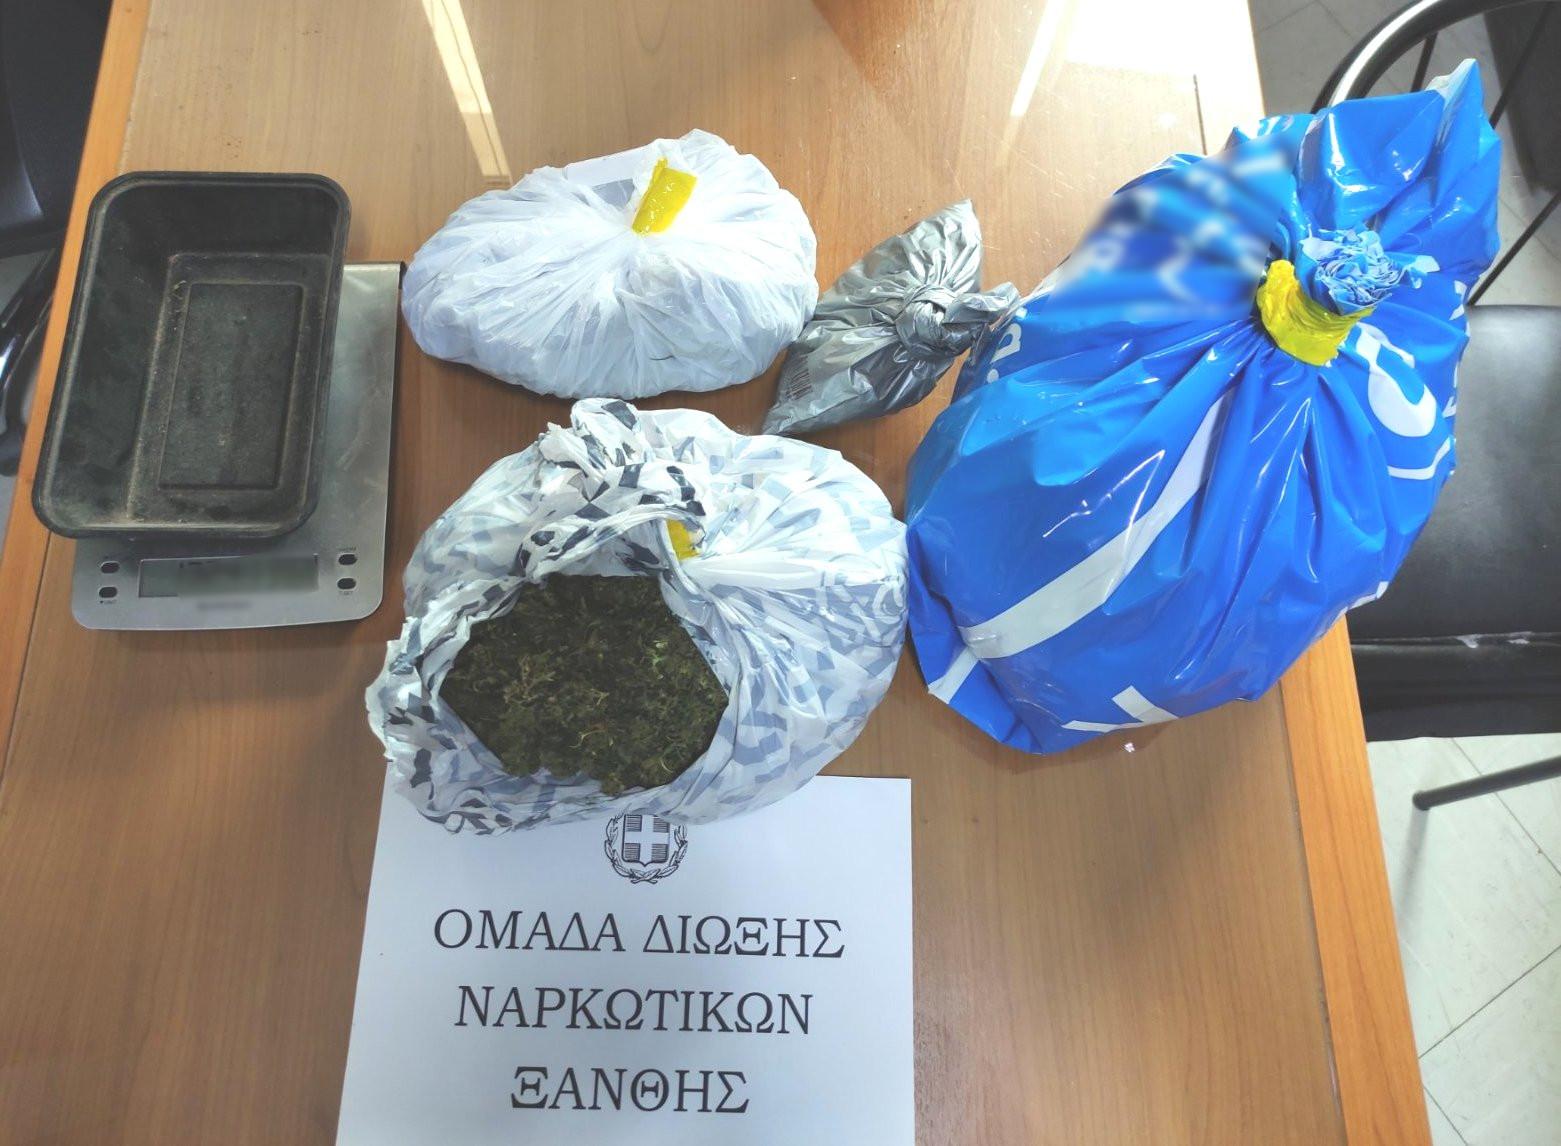 Συνελήφθη ημεδαπός για κατοχή ναρκωτικών και παράνομη οπλοκατοχή